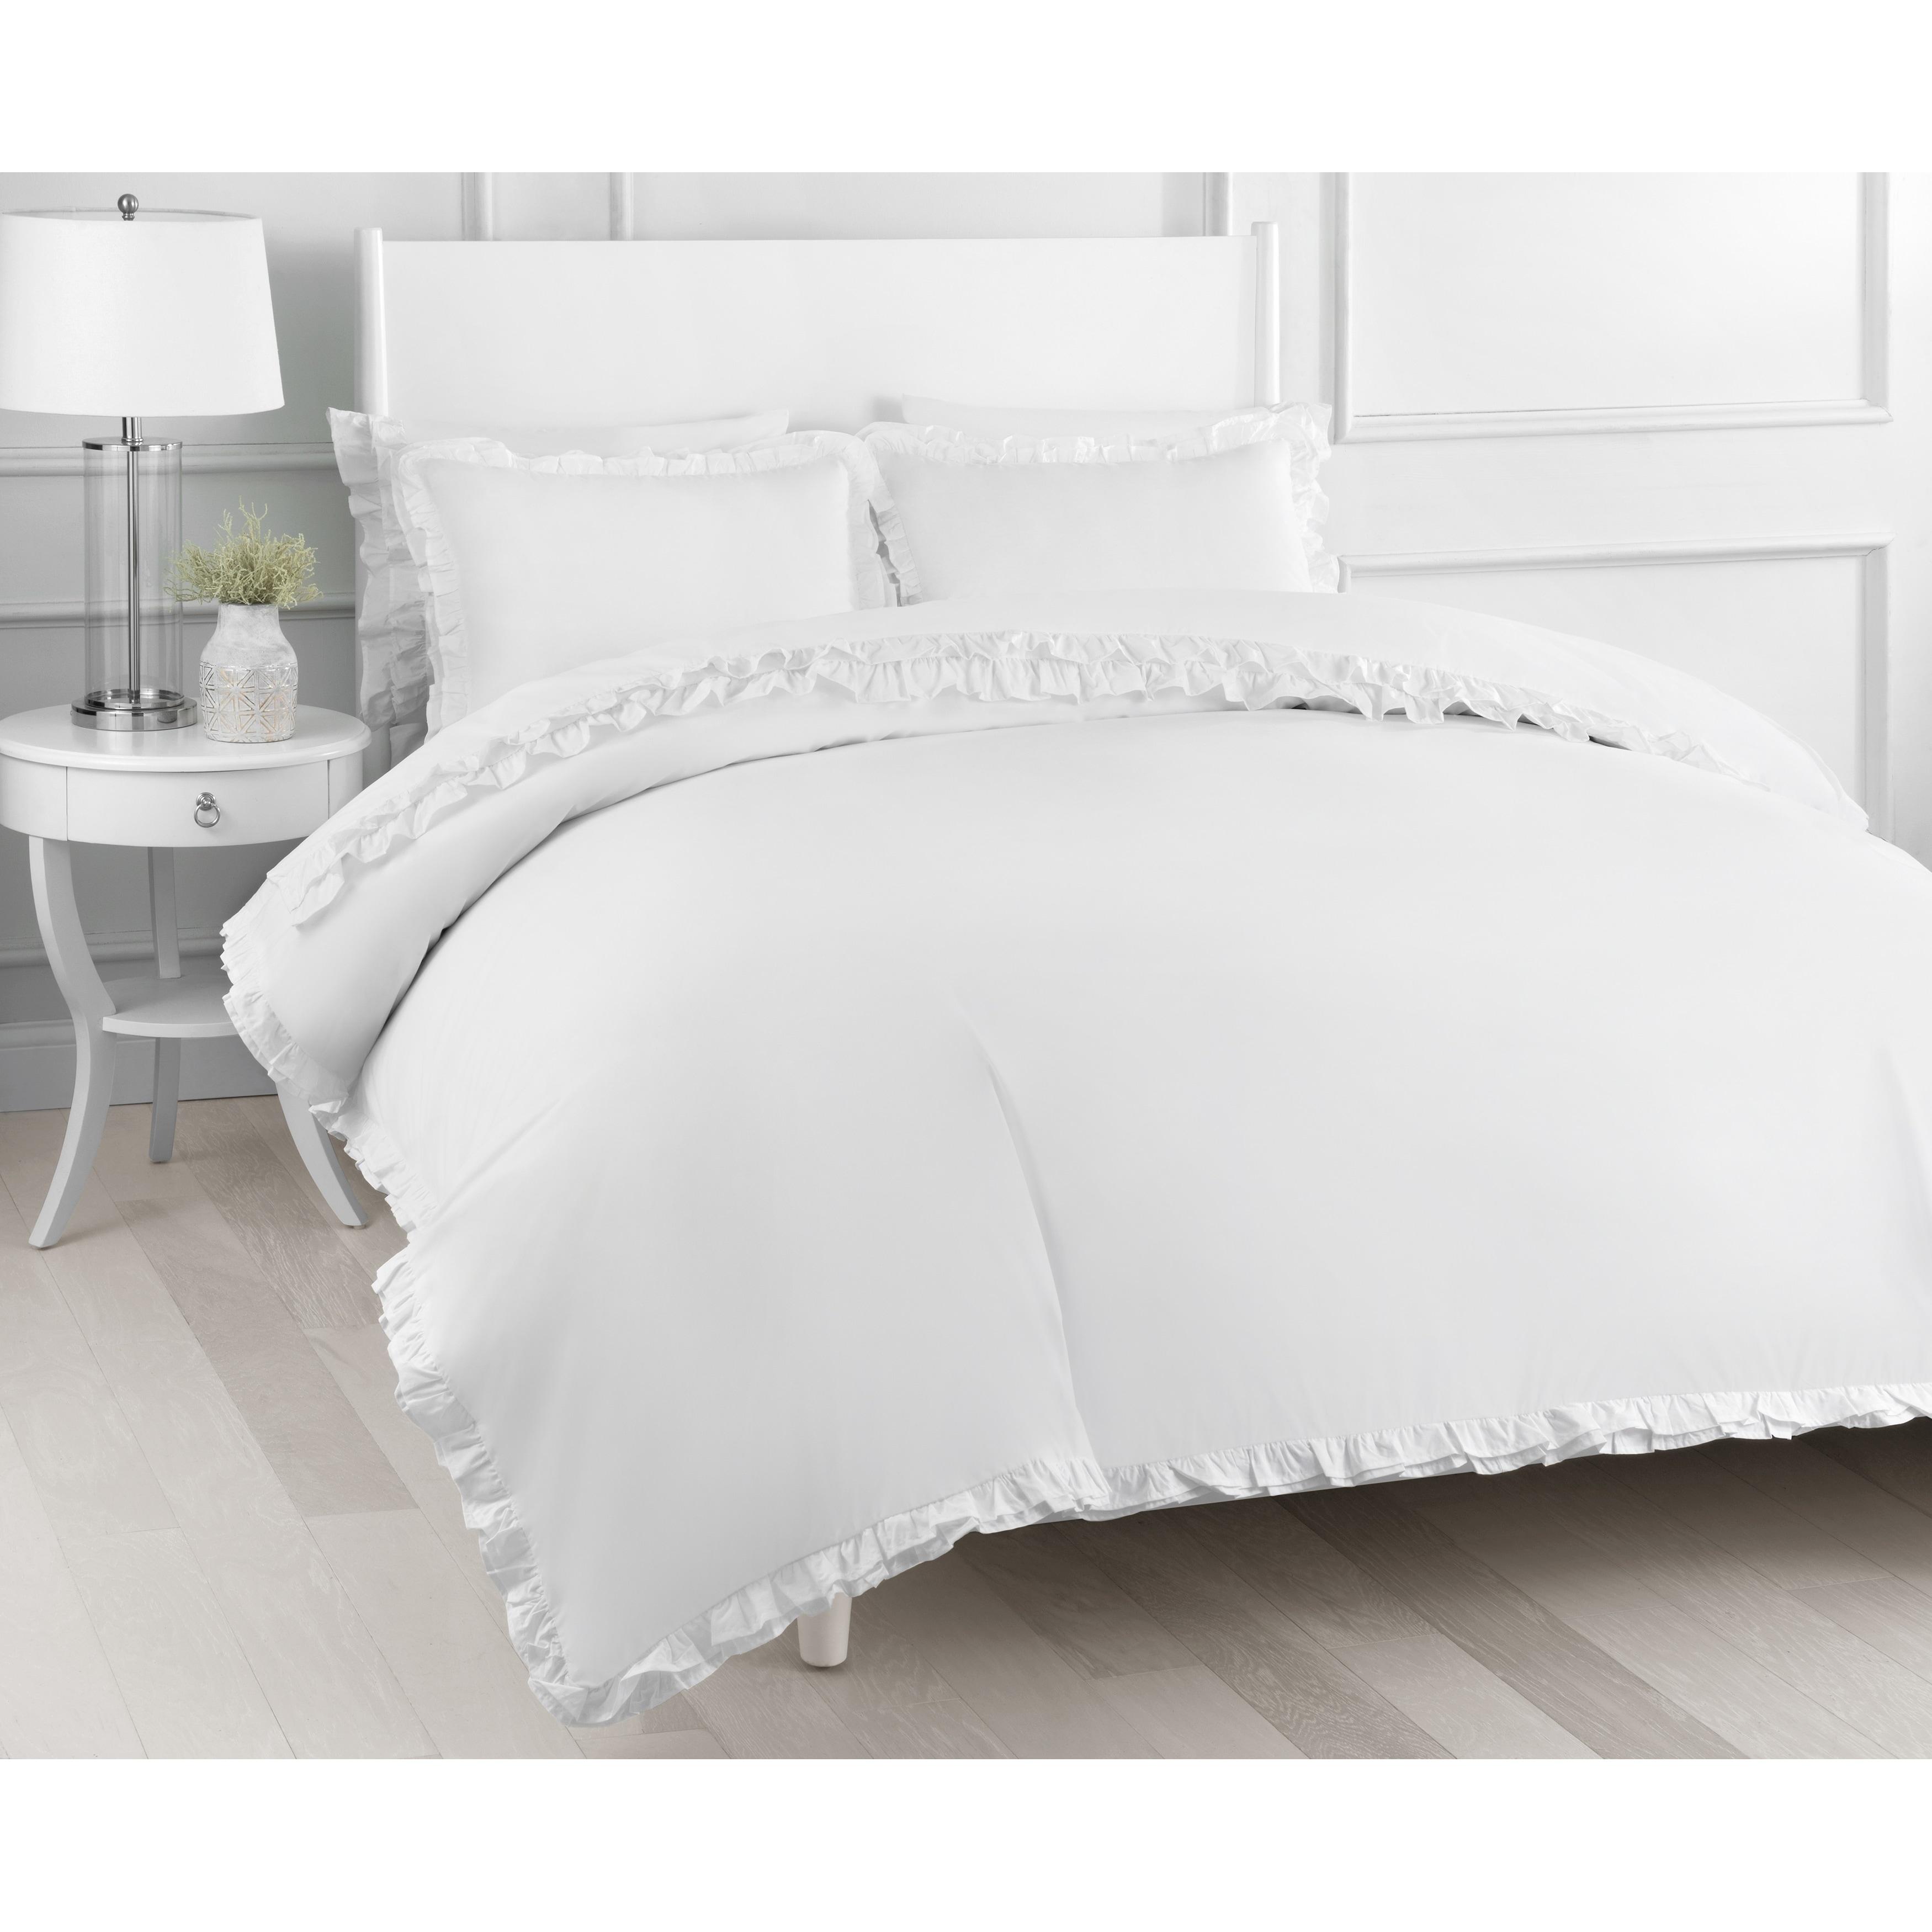 Crisp Soft 100/% Cotton Percale 3pc Duvet Cover Set